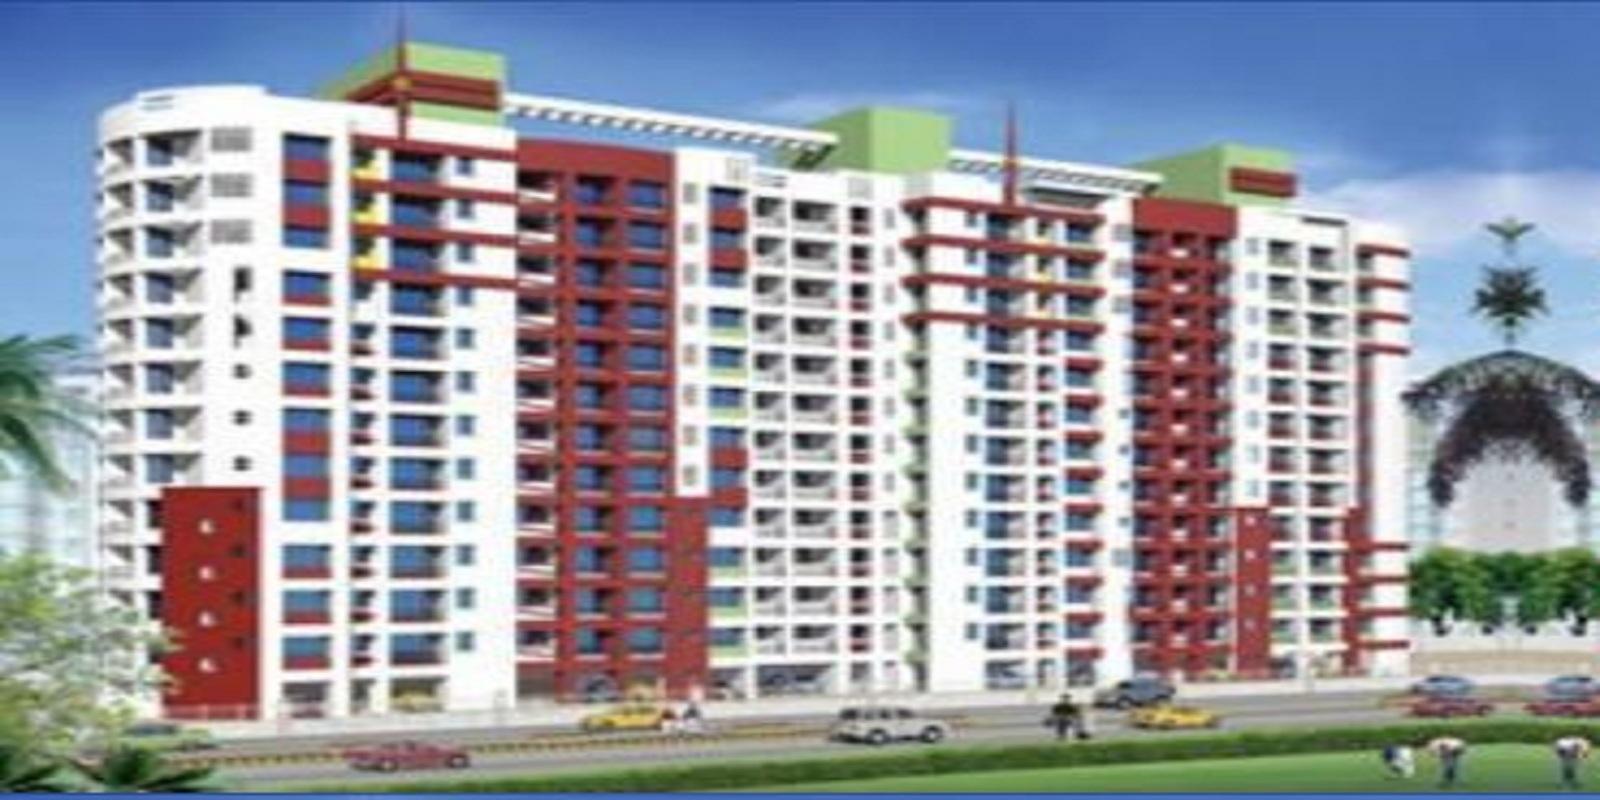 damji shamji shah mahavir classik project project large image1